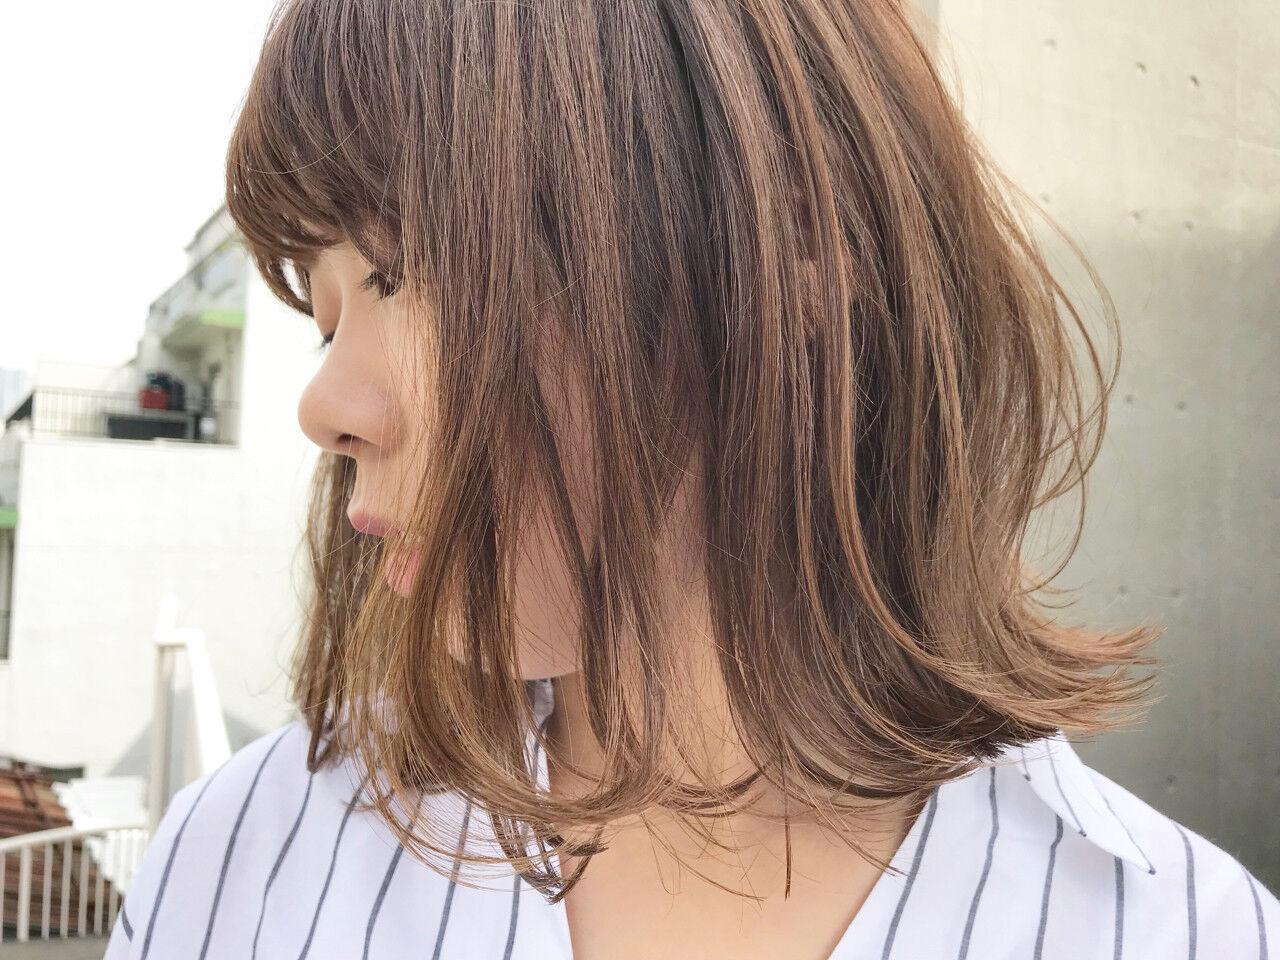 透明感 ロブ ウェーブ アンニュイヘアスタイルや髪型の写真・画像